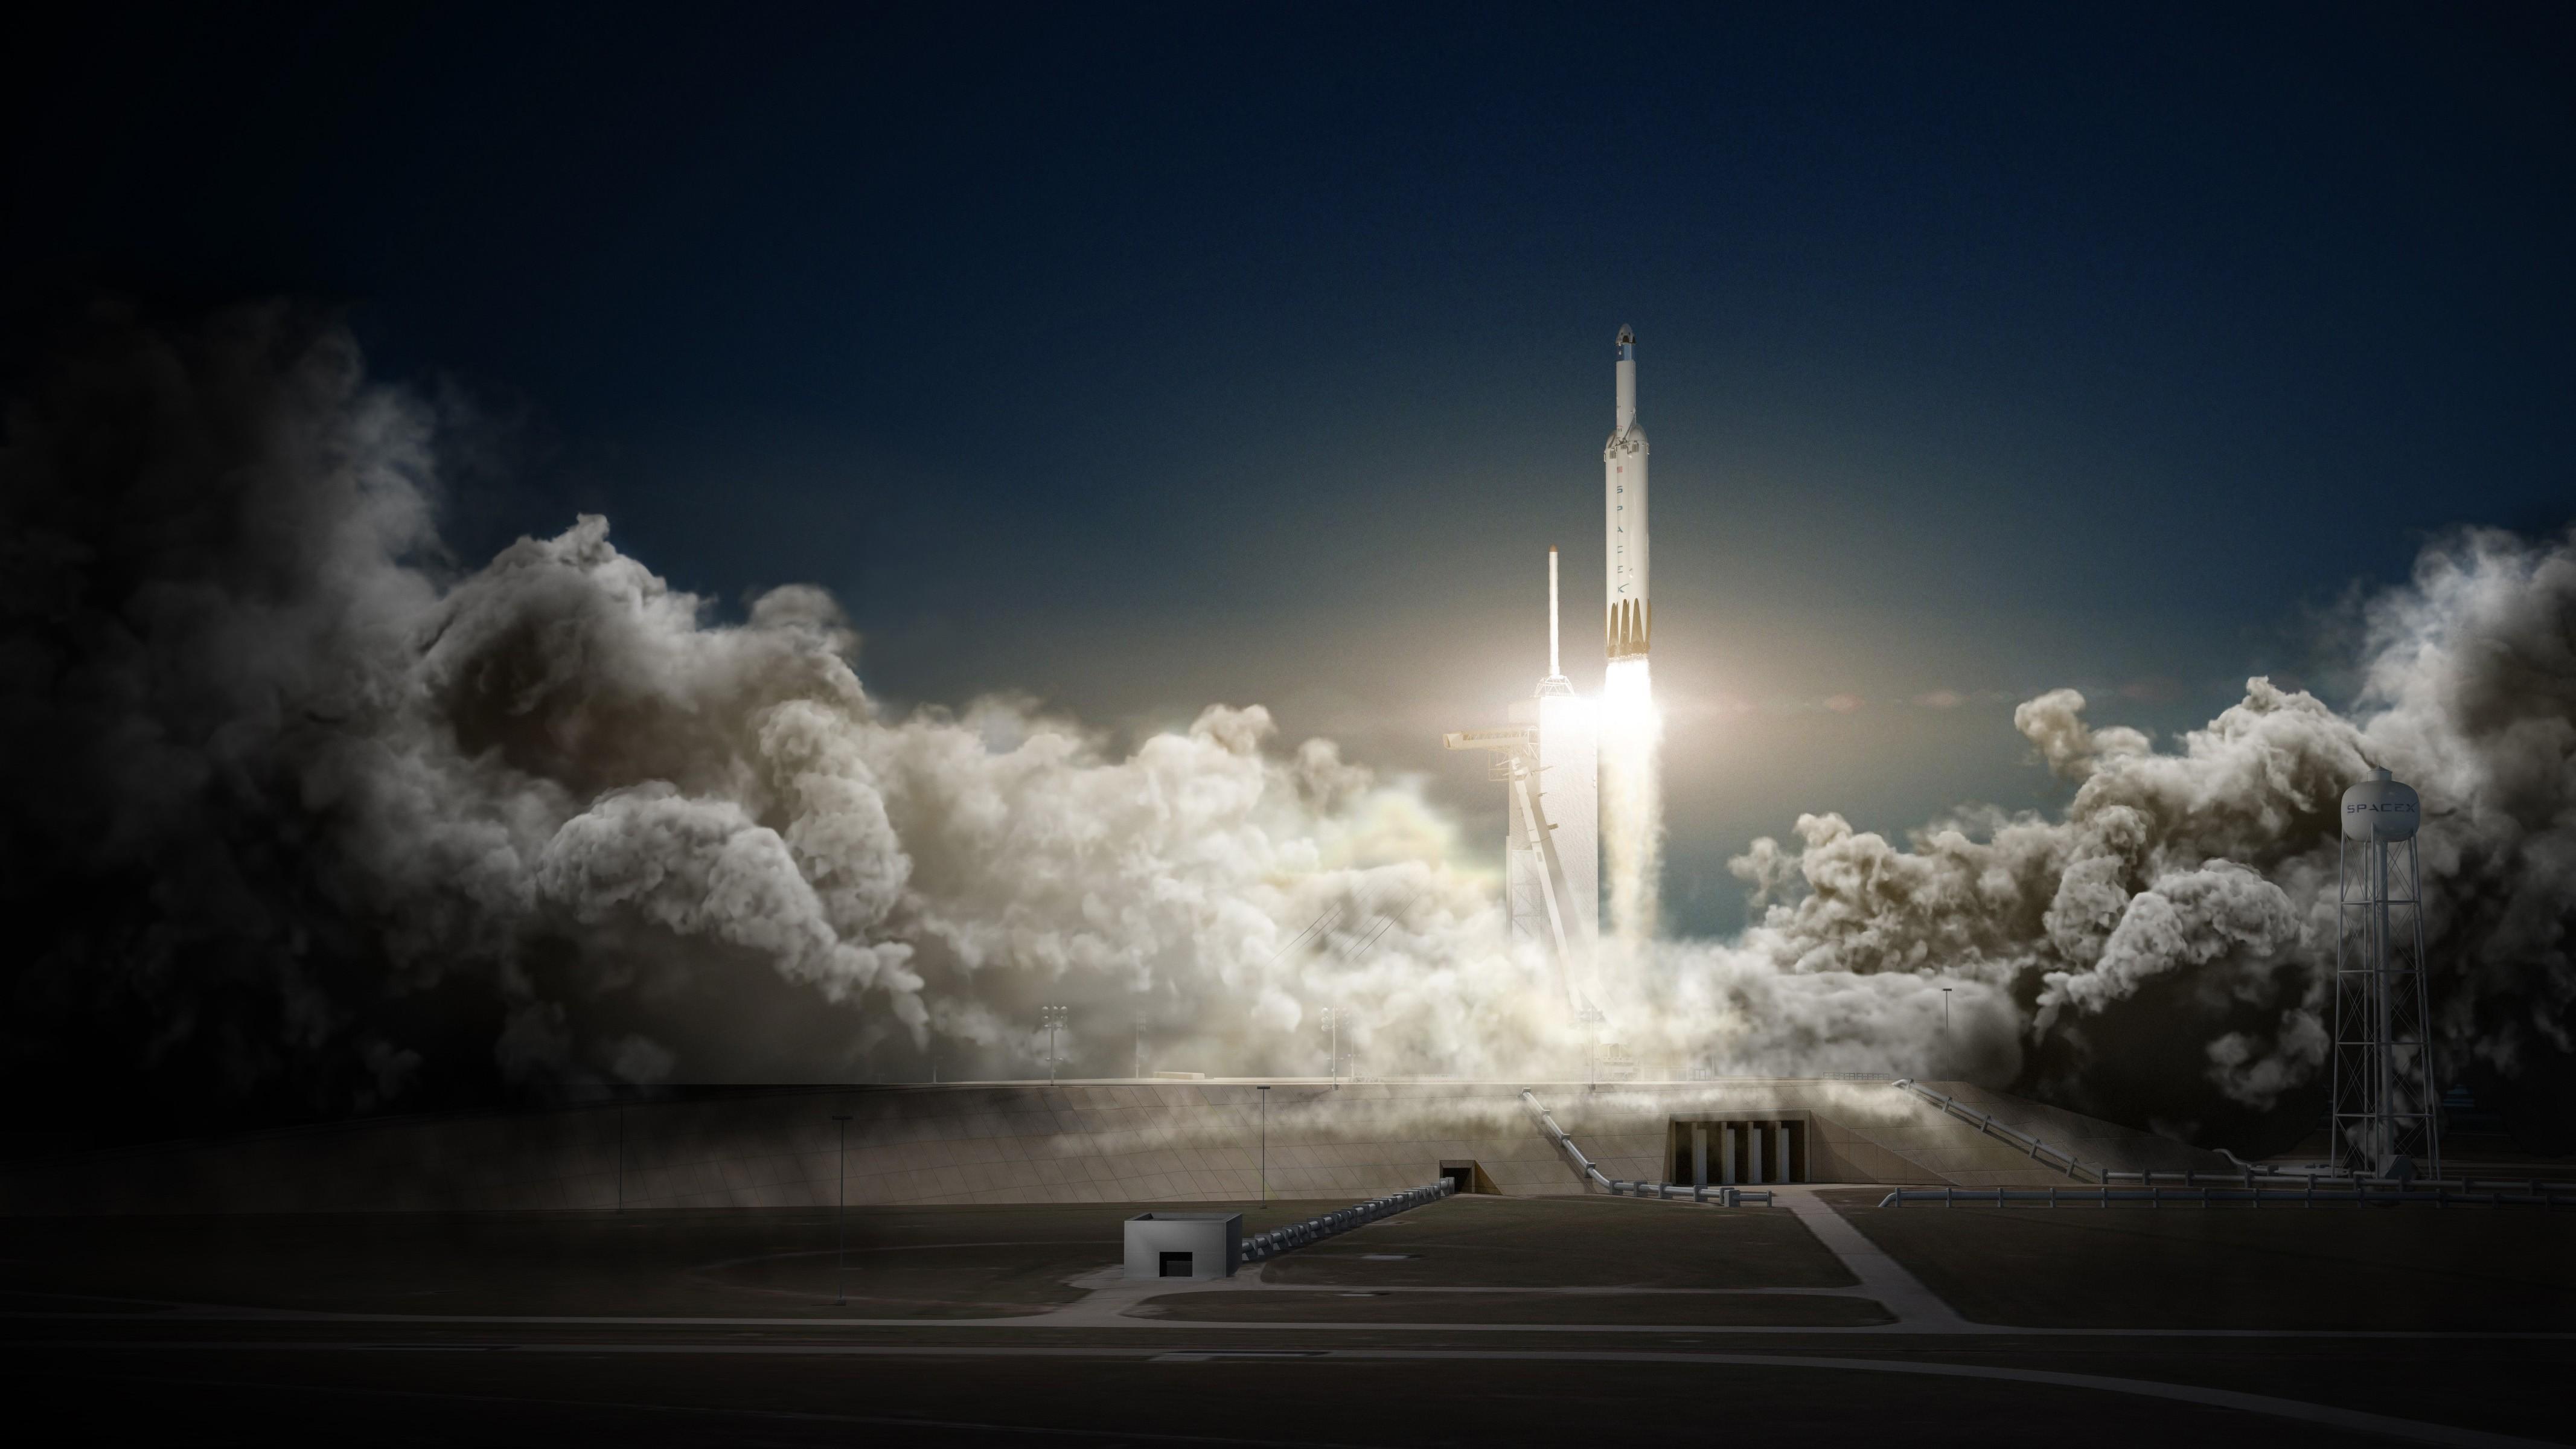 Arte recria o lançamento da Falcon Heavy (Foto: Divulgação)